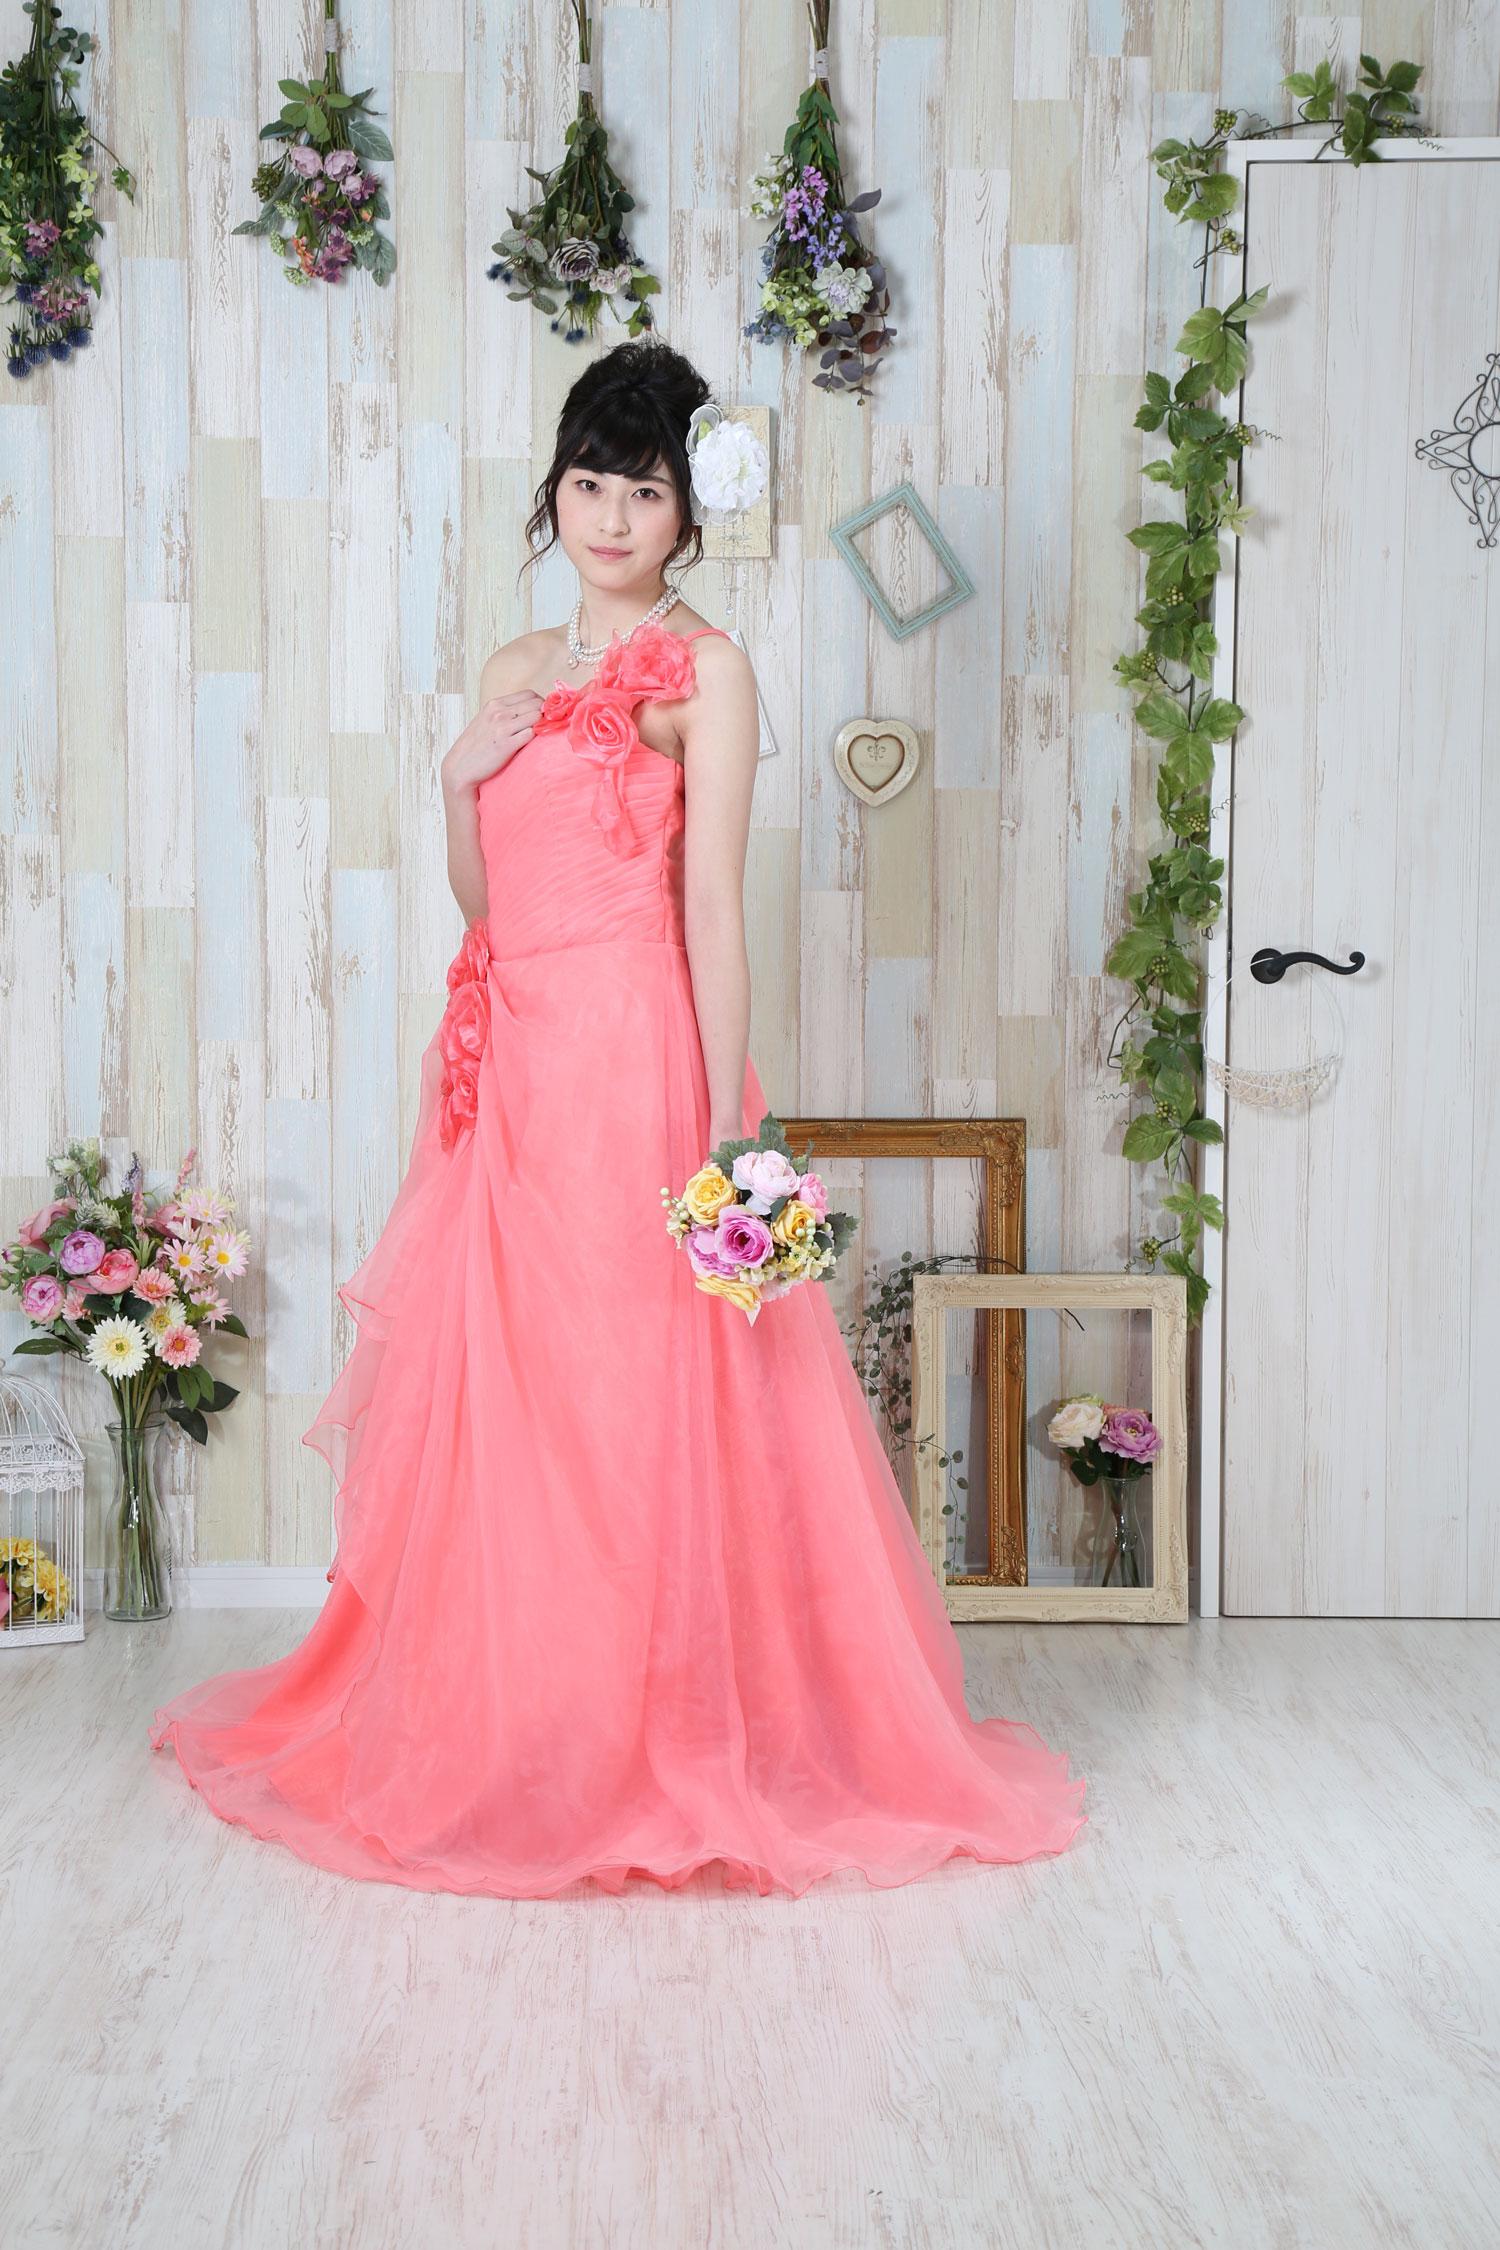 ★20180211-ドレス衣装撮影_224